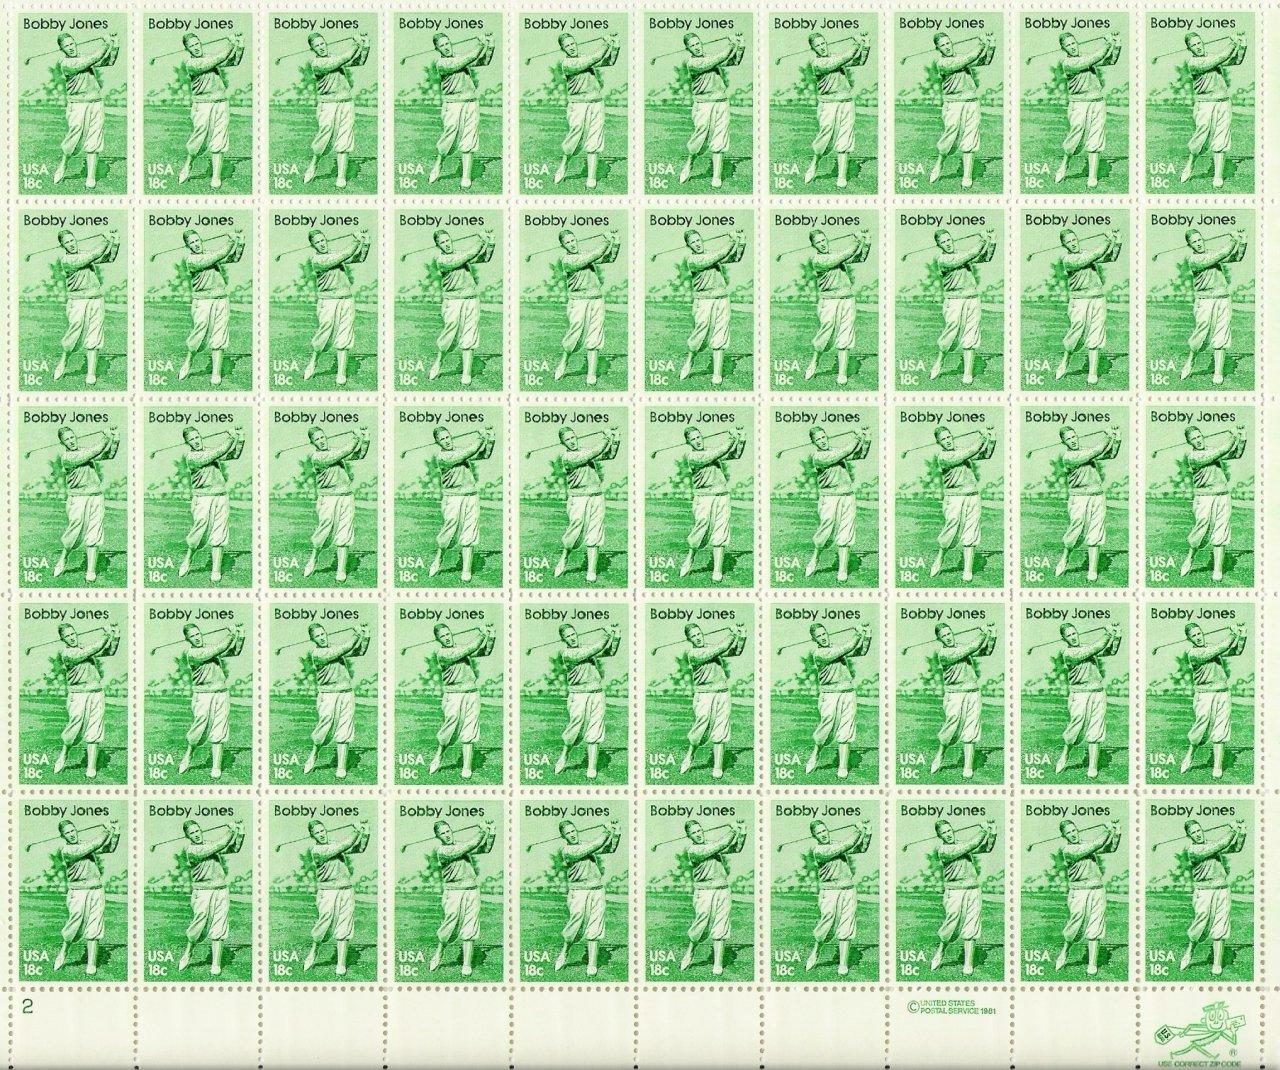 US Scott 1933 - Sheet of 50 - Bobby Jones - Mint Never Hinged